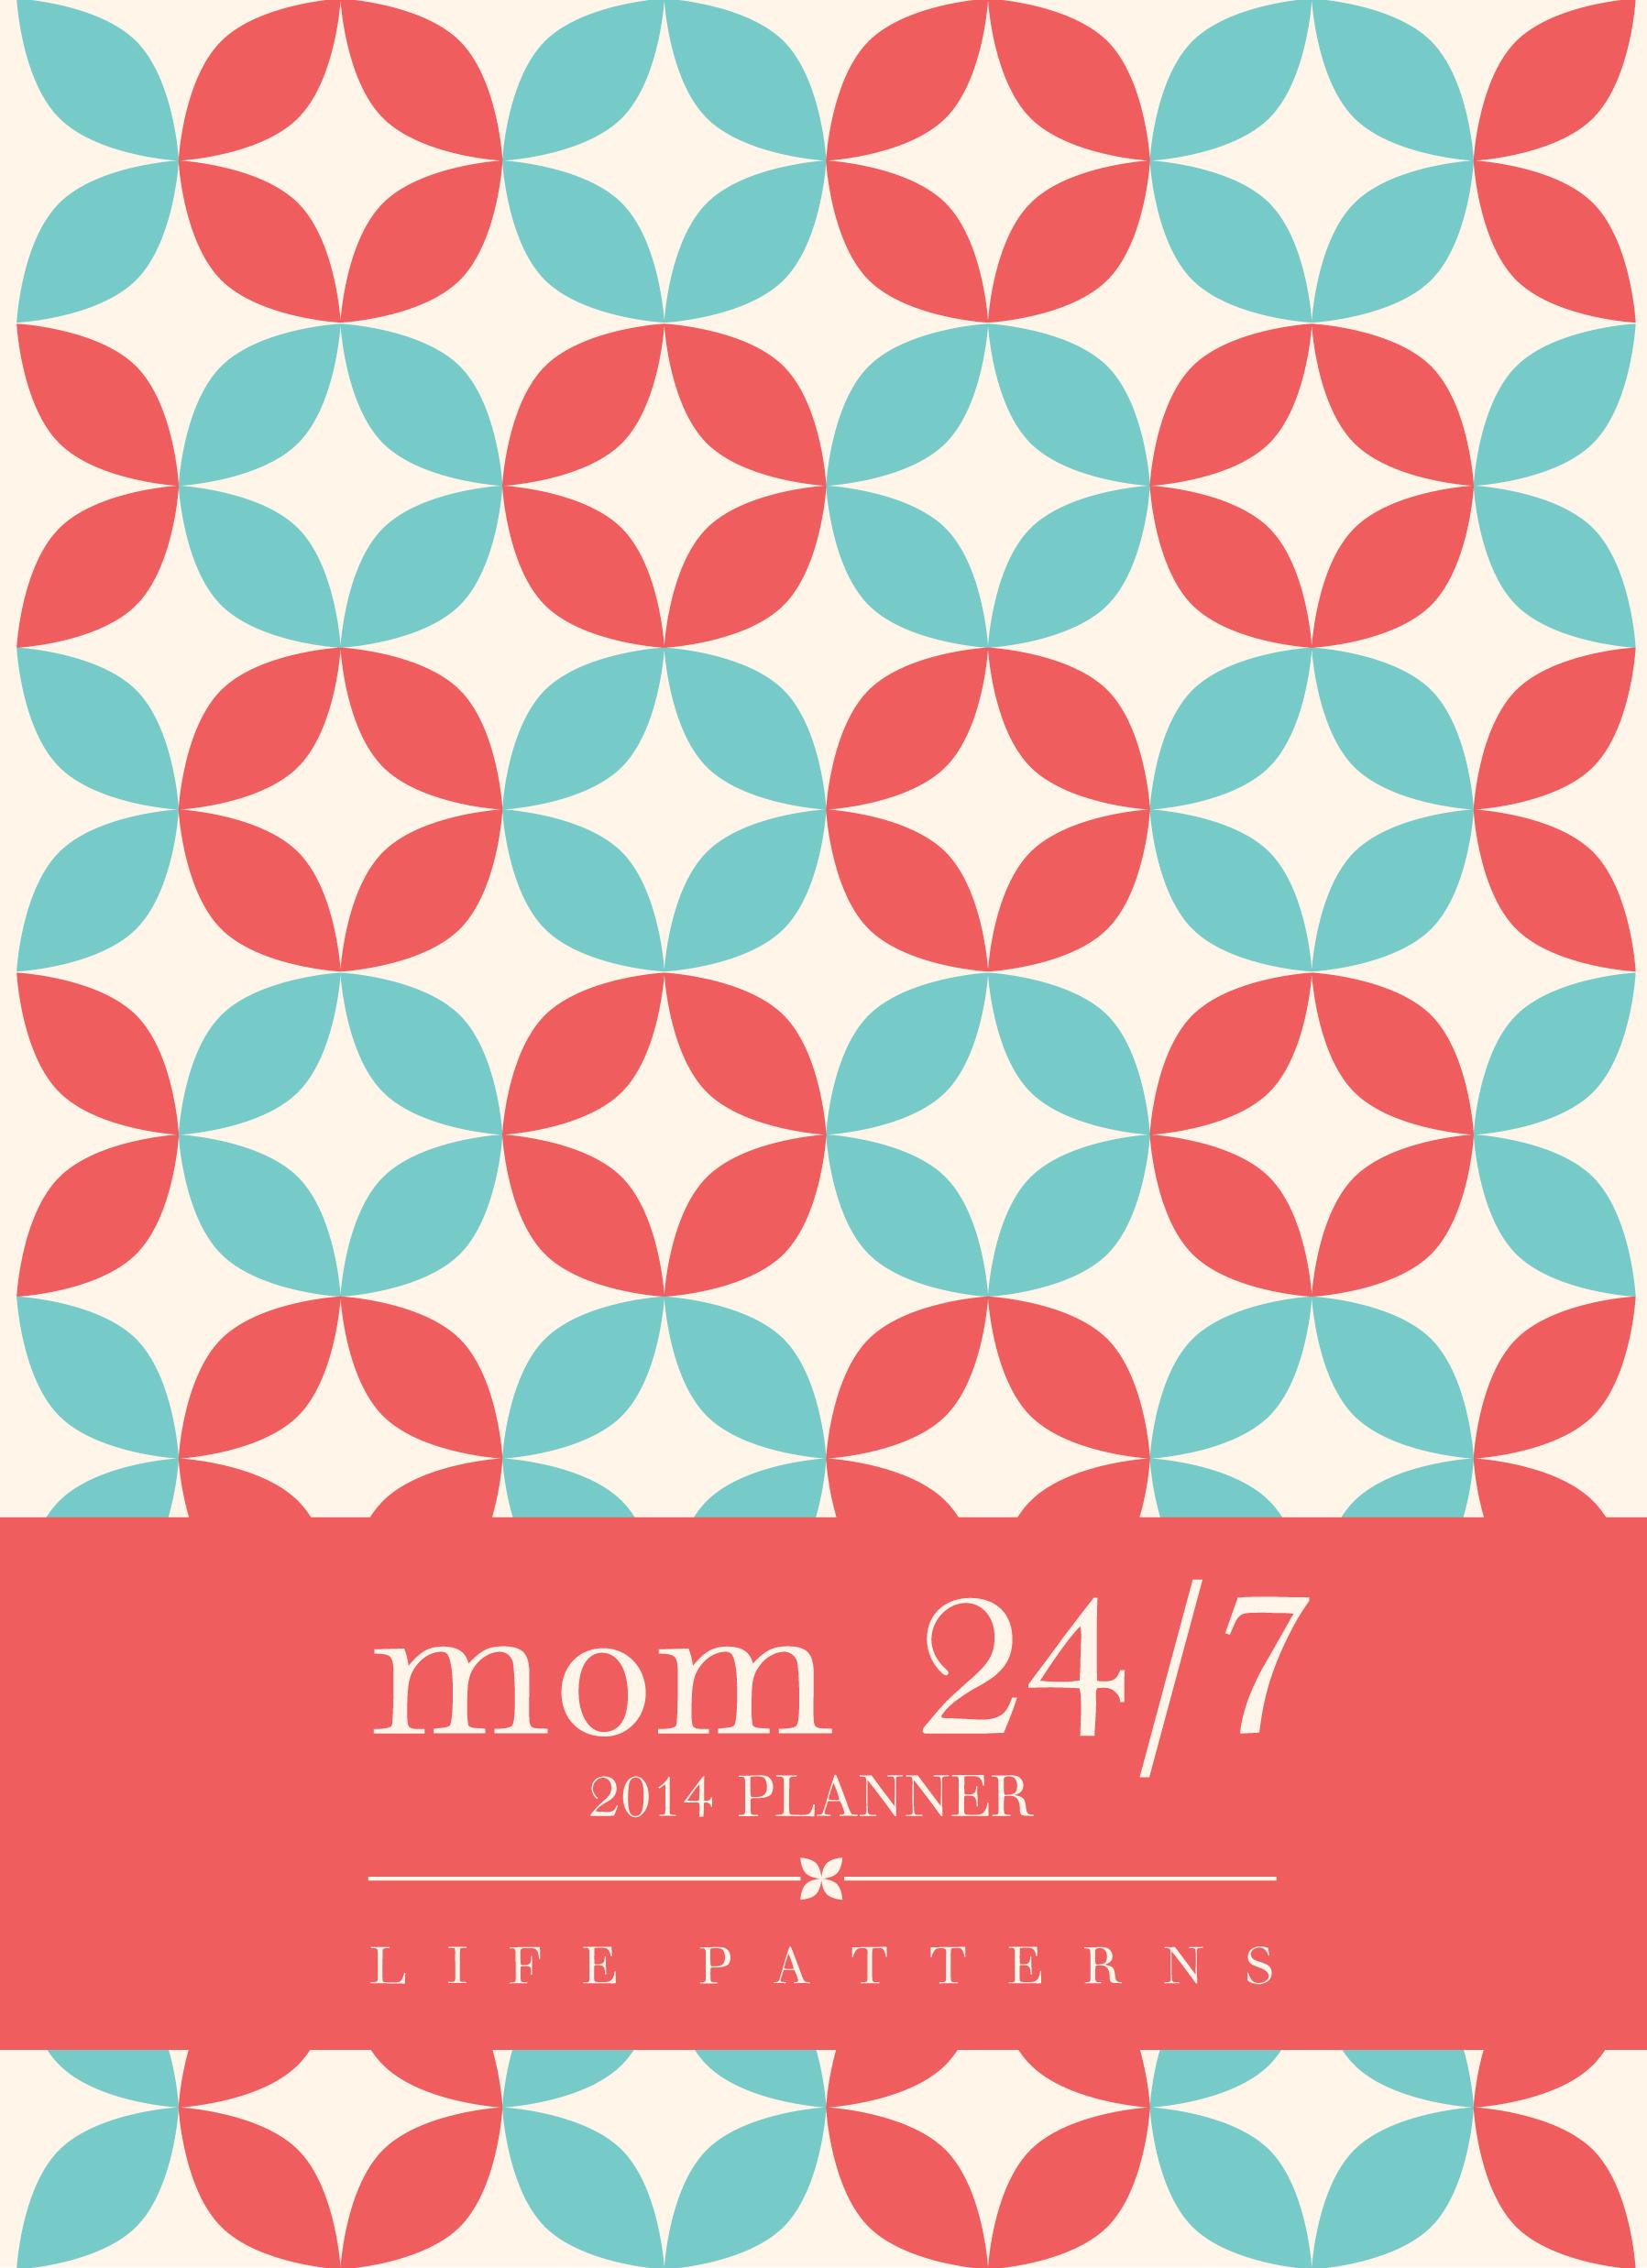 MOM-PLANNER-FRONT-COVER.jpg